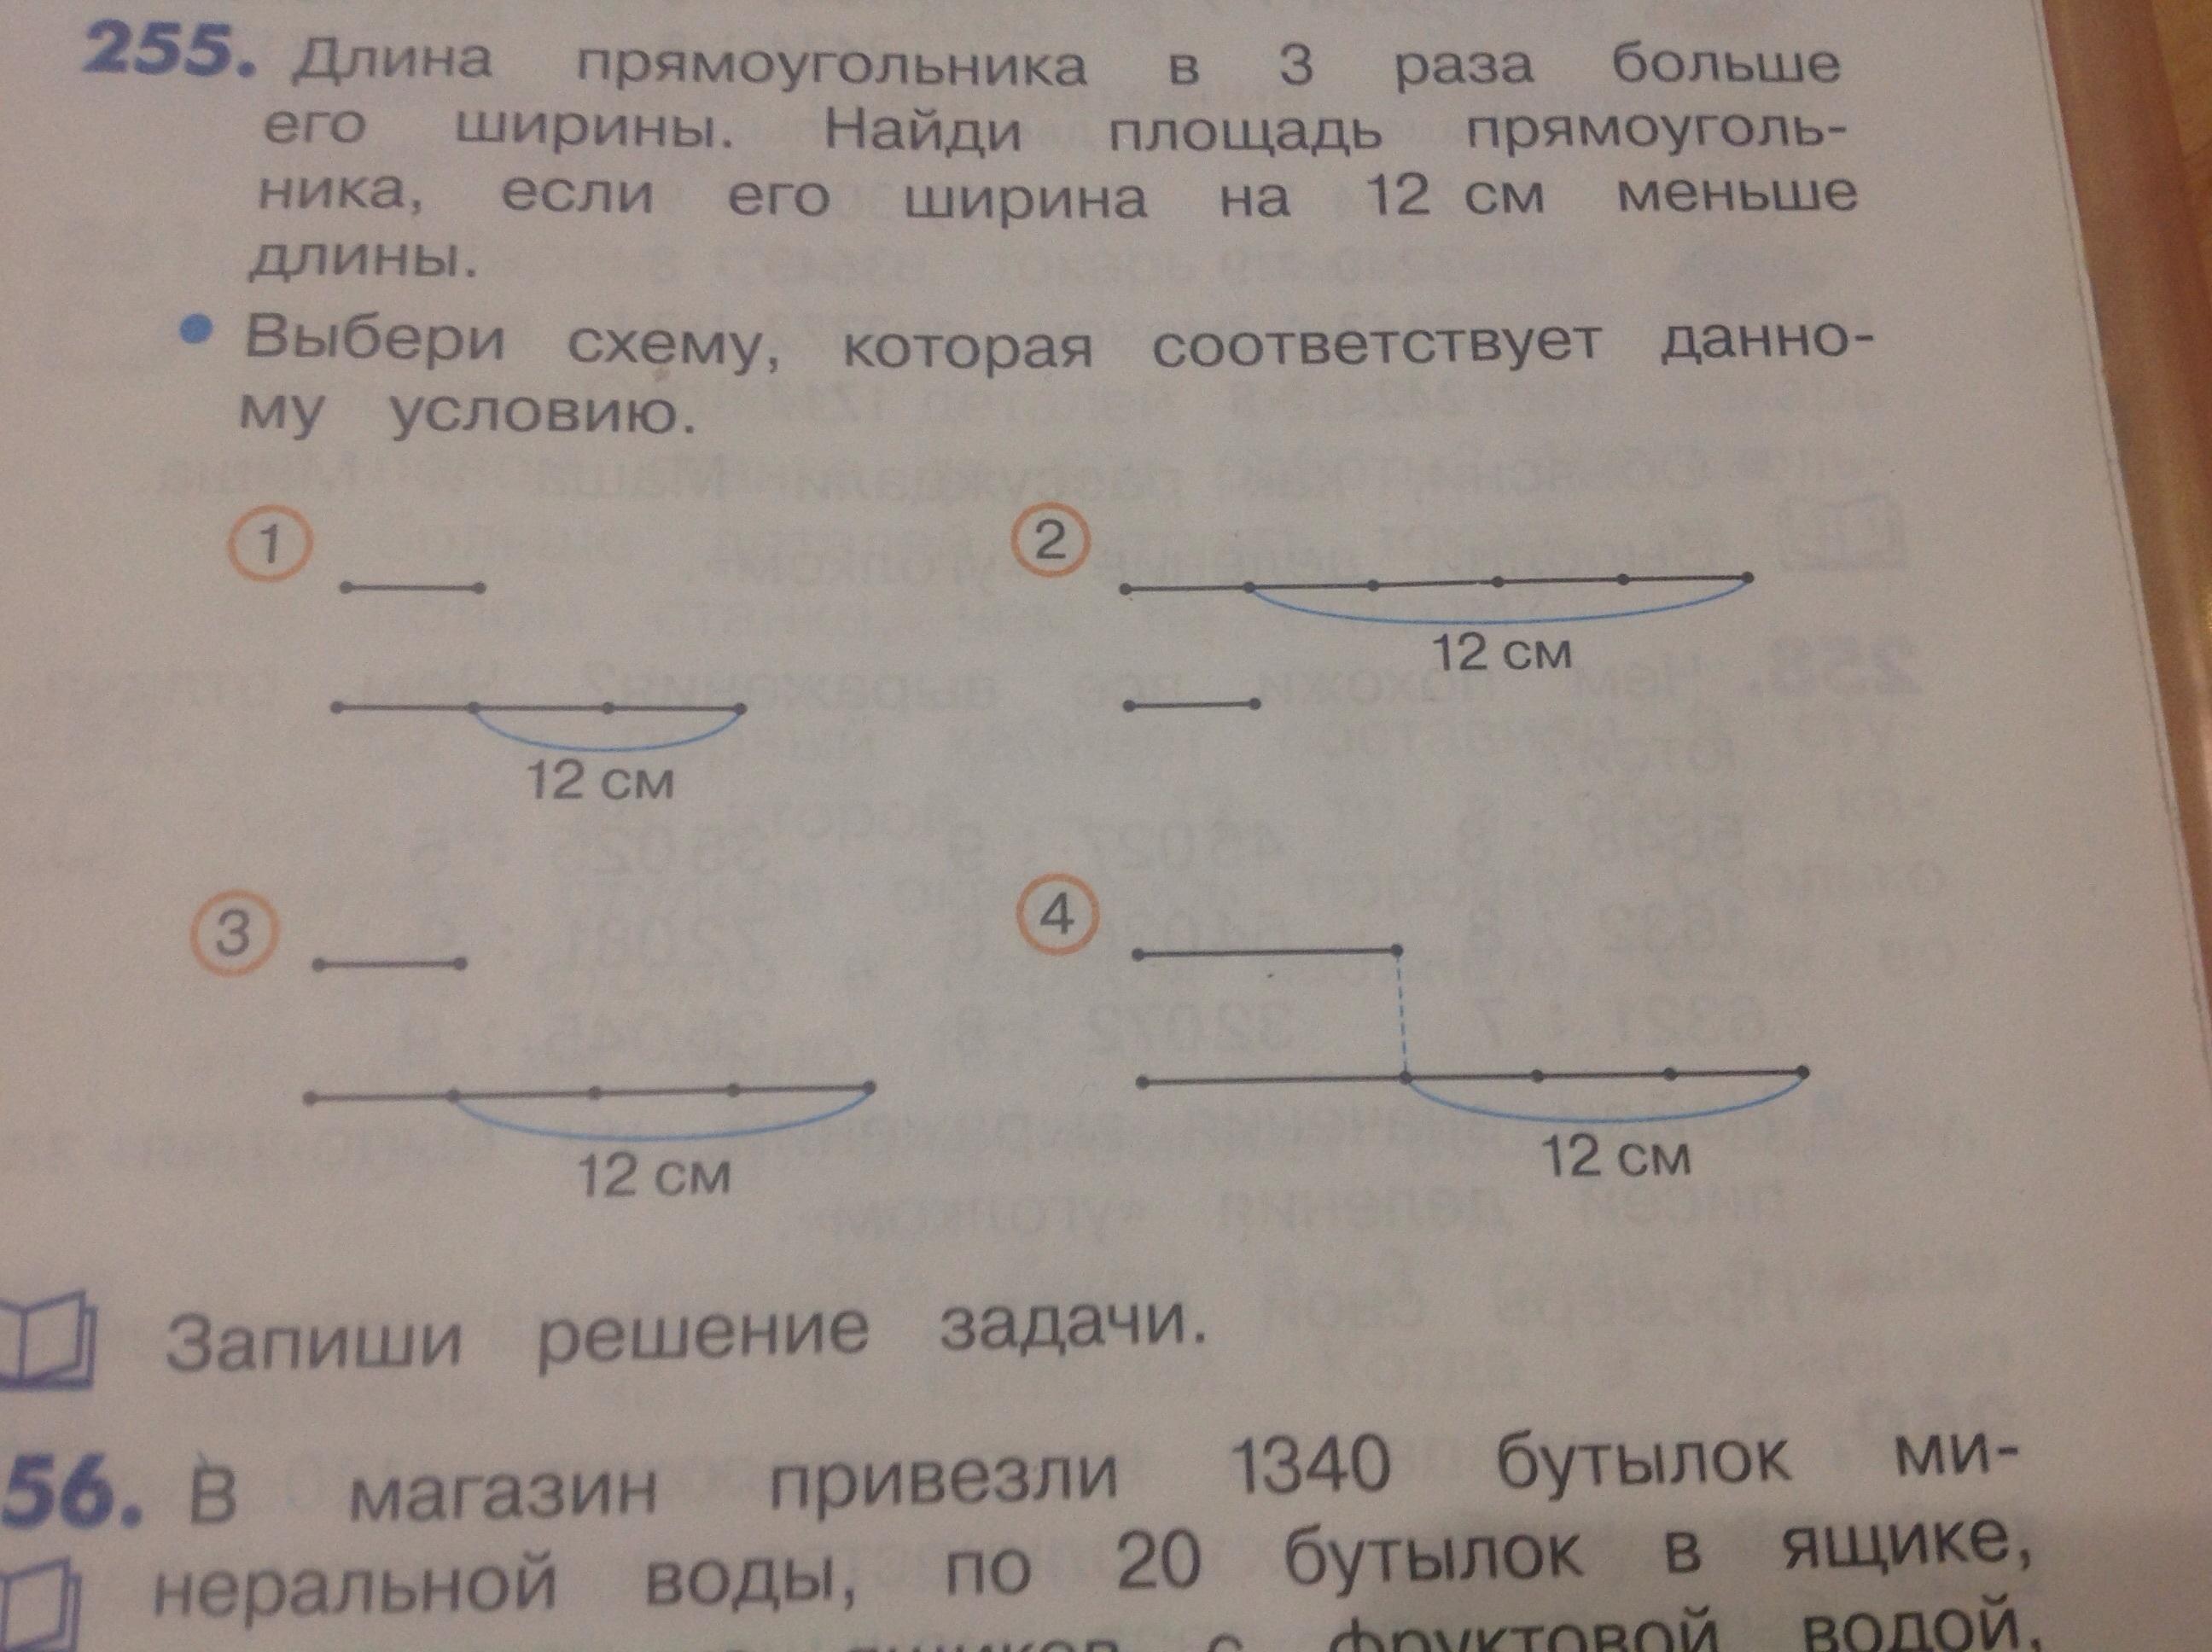 Как решить задачу длина прямоугольника 12 см тема урока решение задач на законы динамики